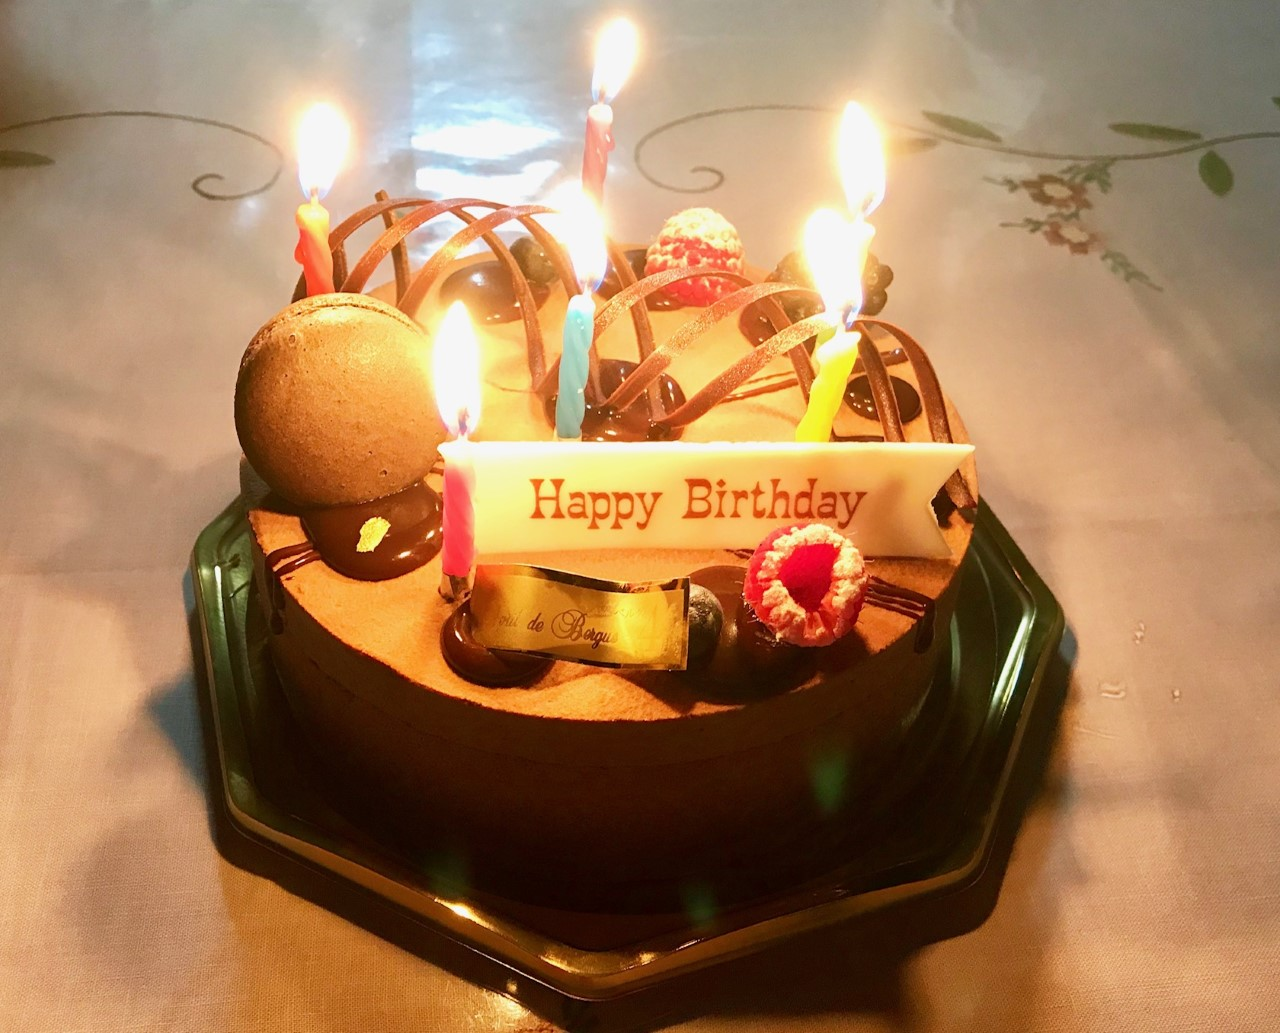 46歳の誕生日